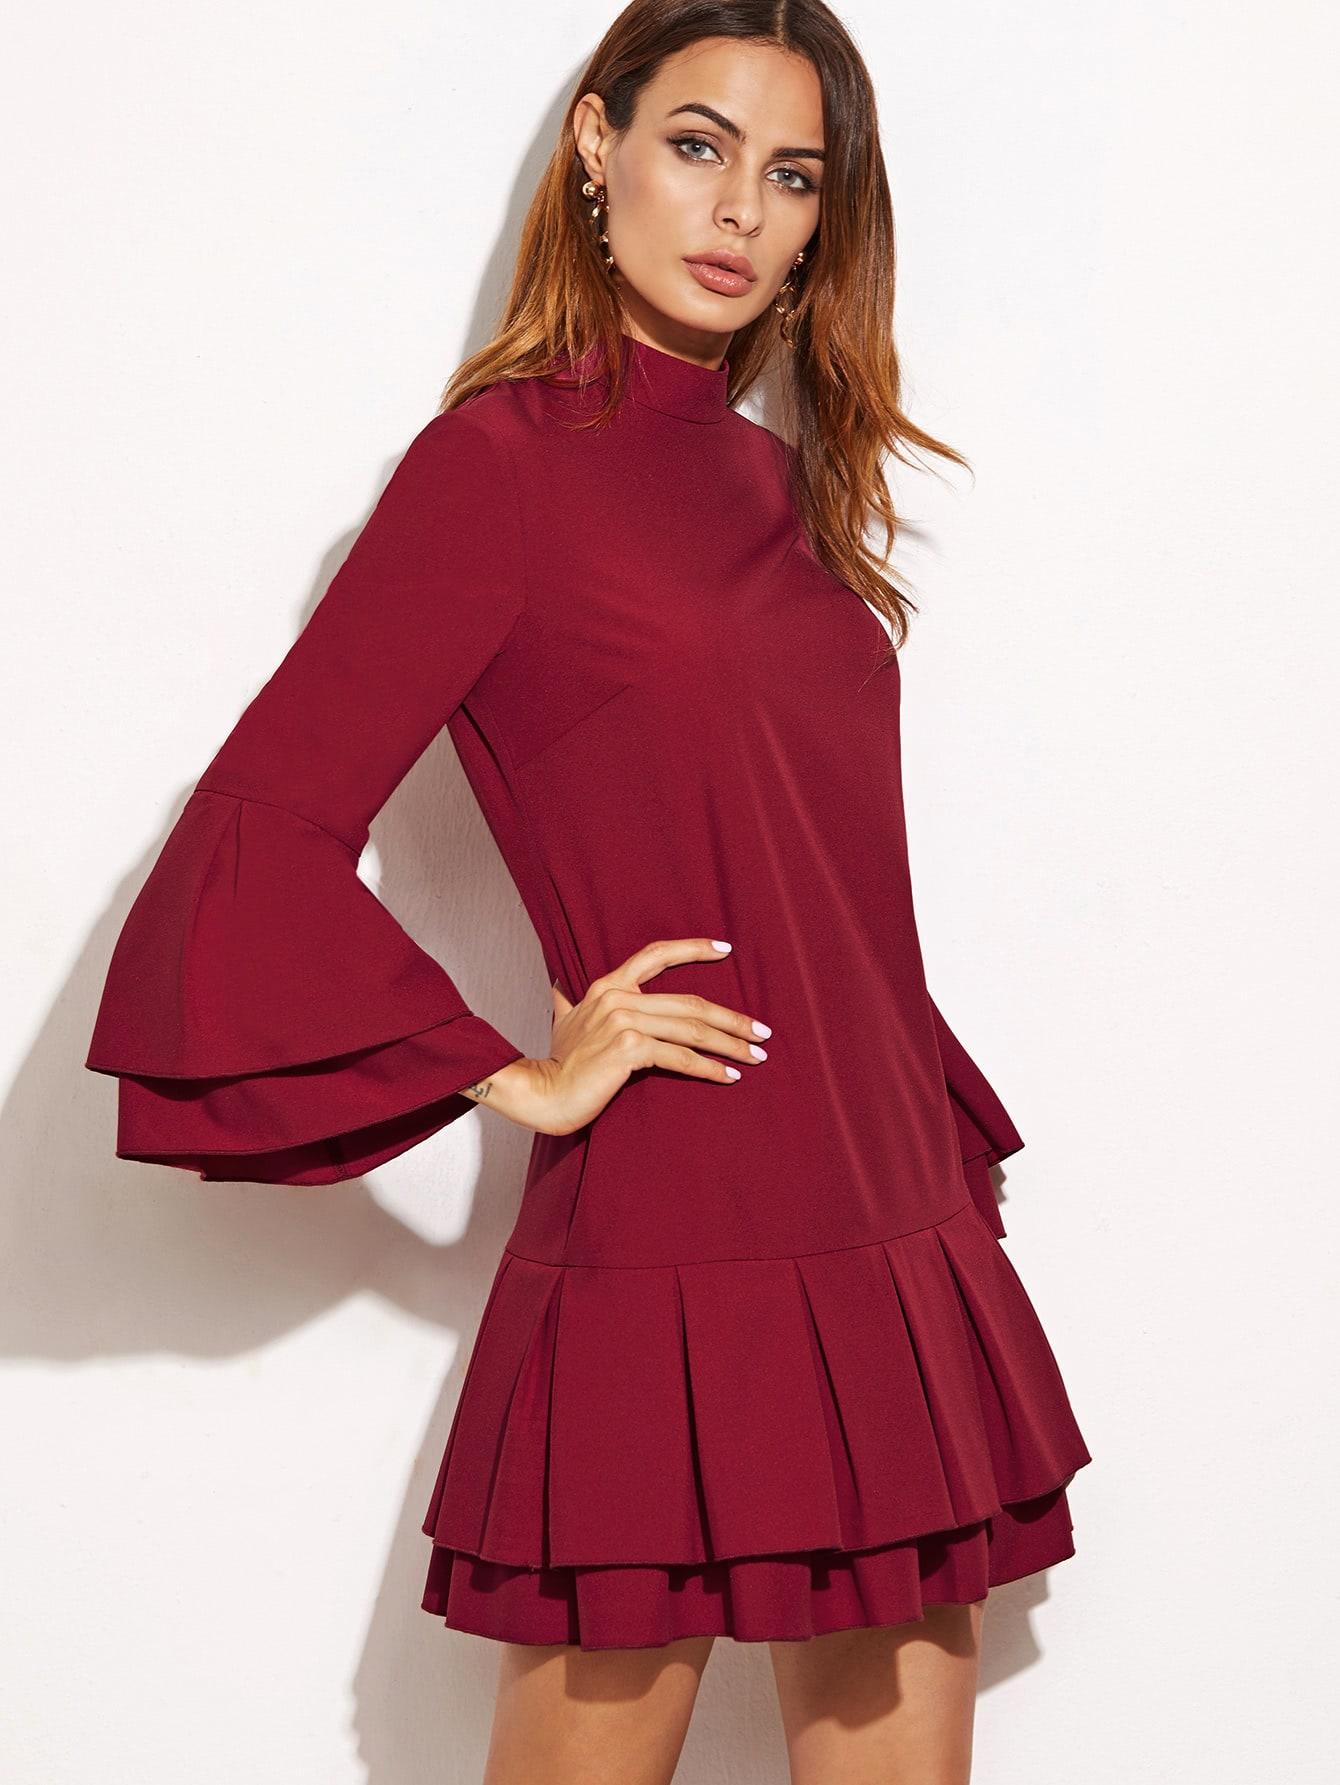 dress161110719_2